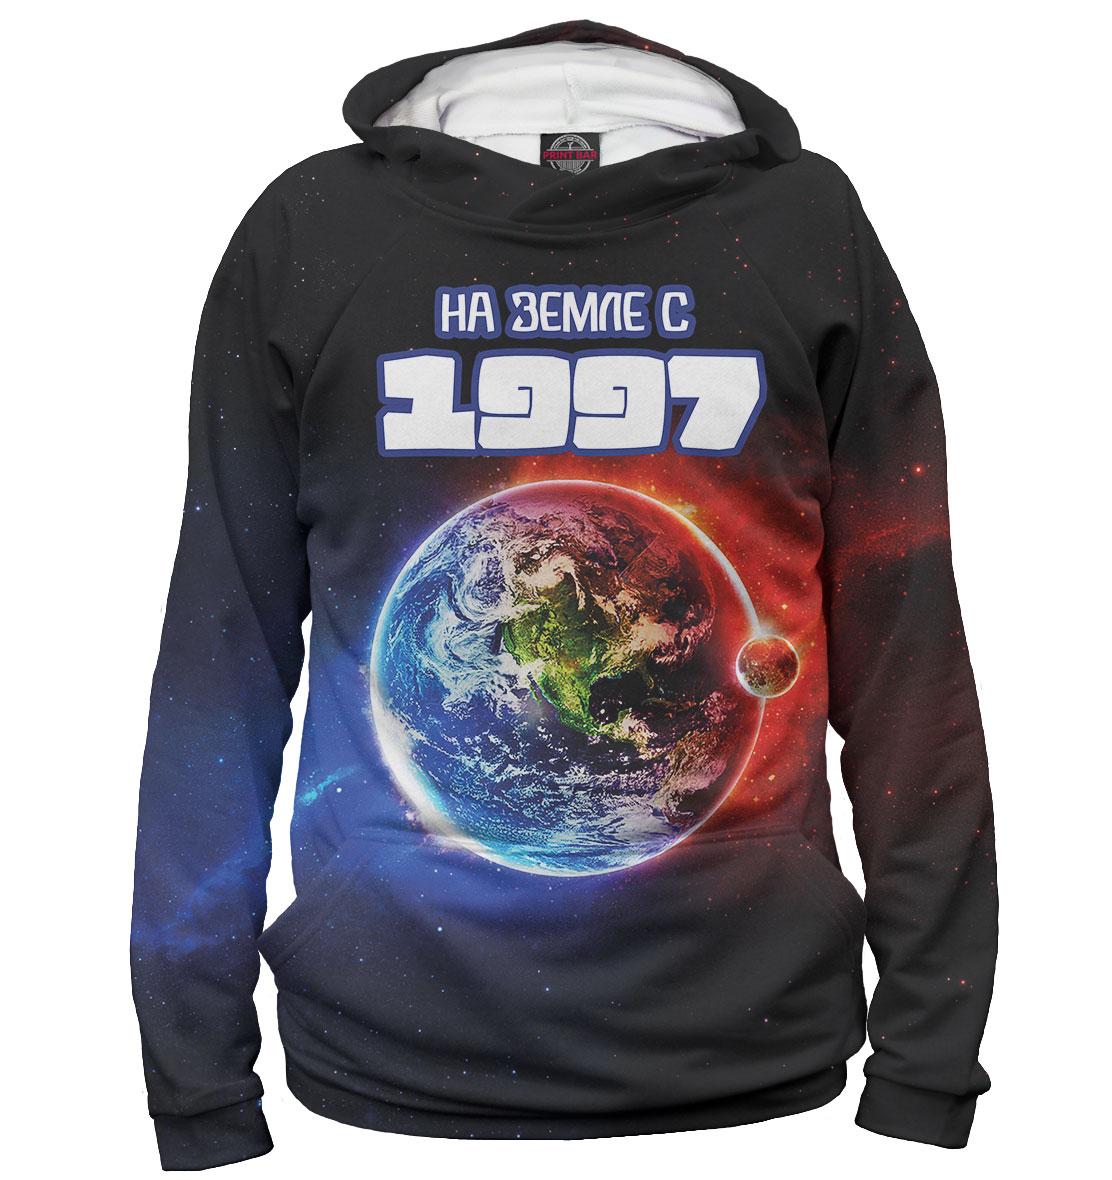 Купить На Земле с 1997, Printbar, Худи, DDE-540771-hud-1